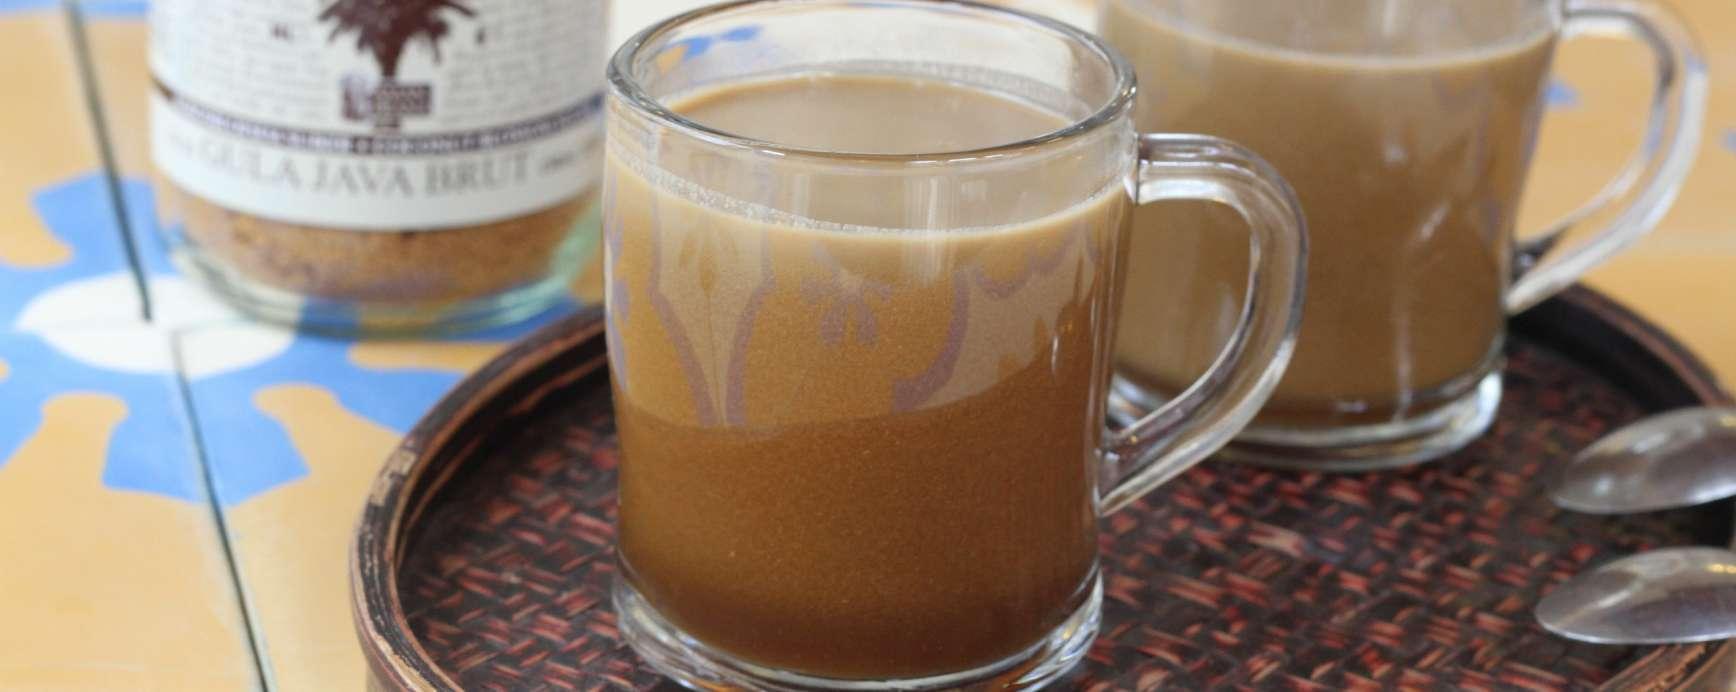 bajigur cafe indonesien